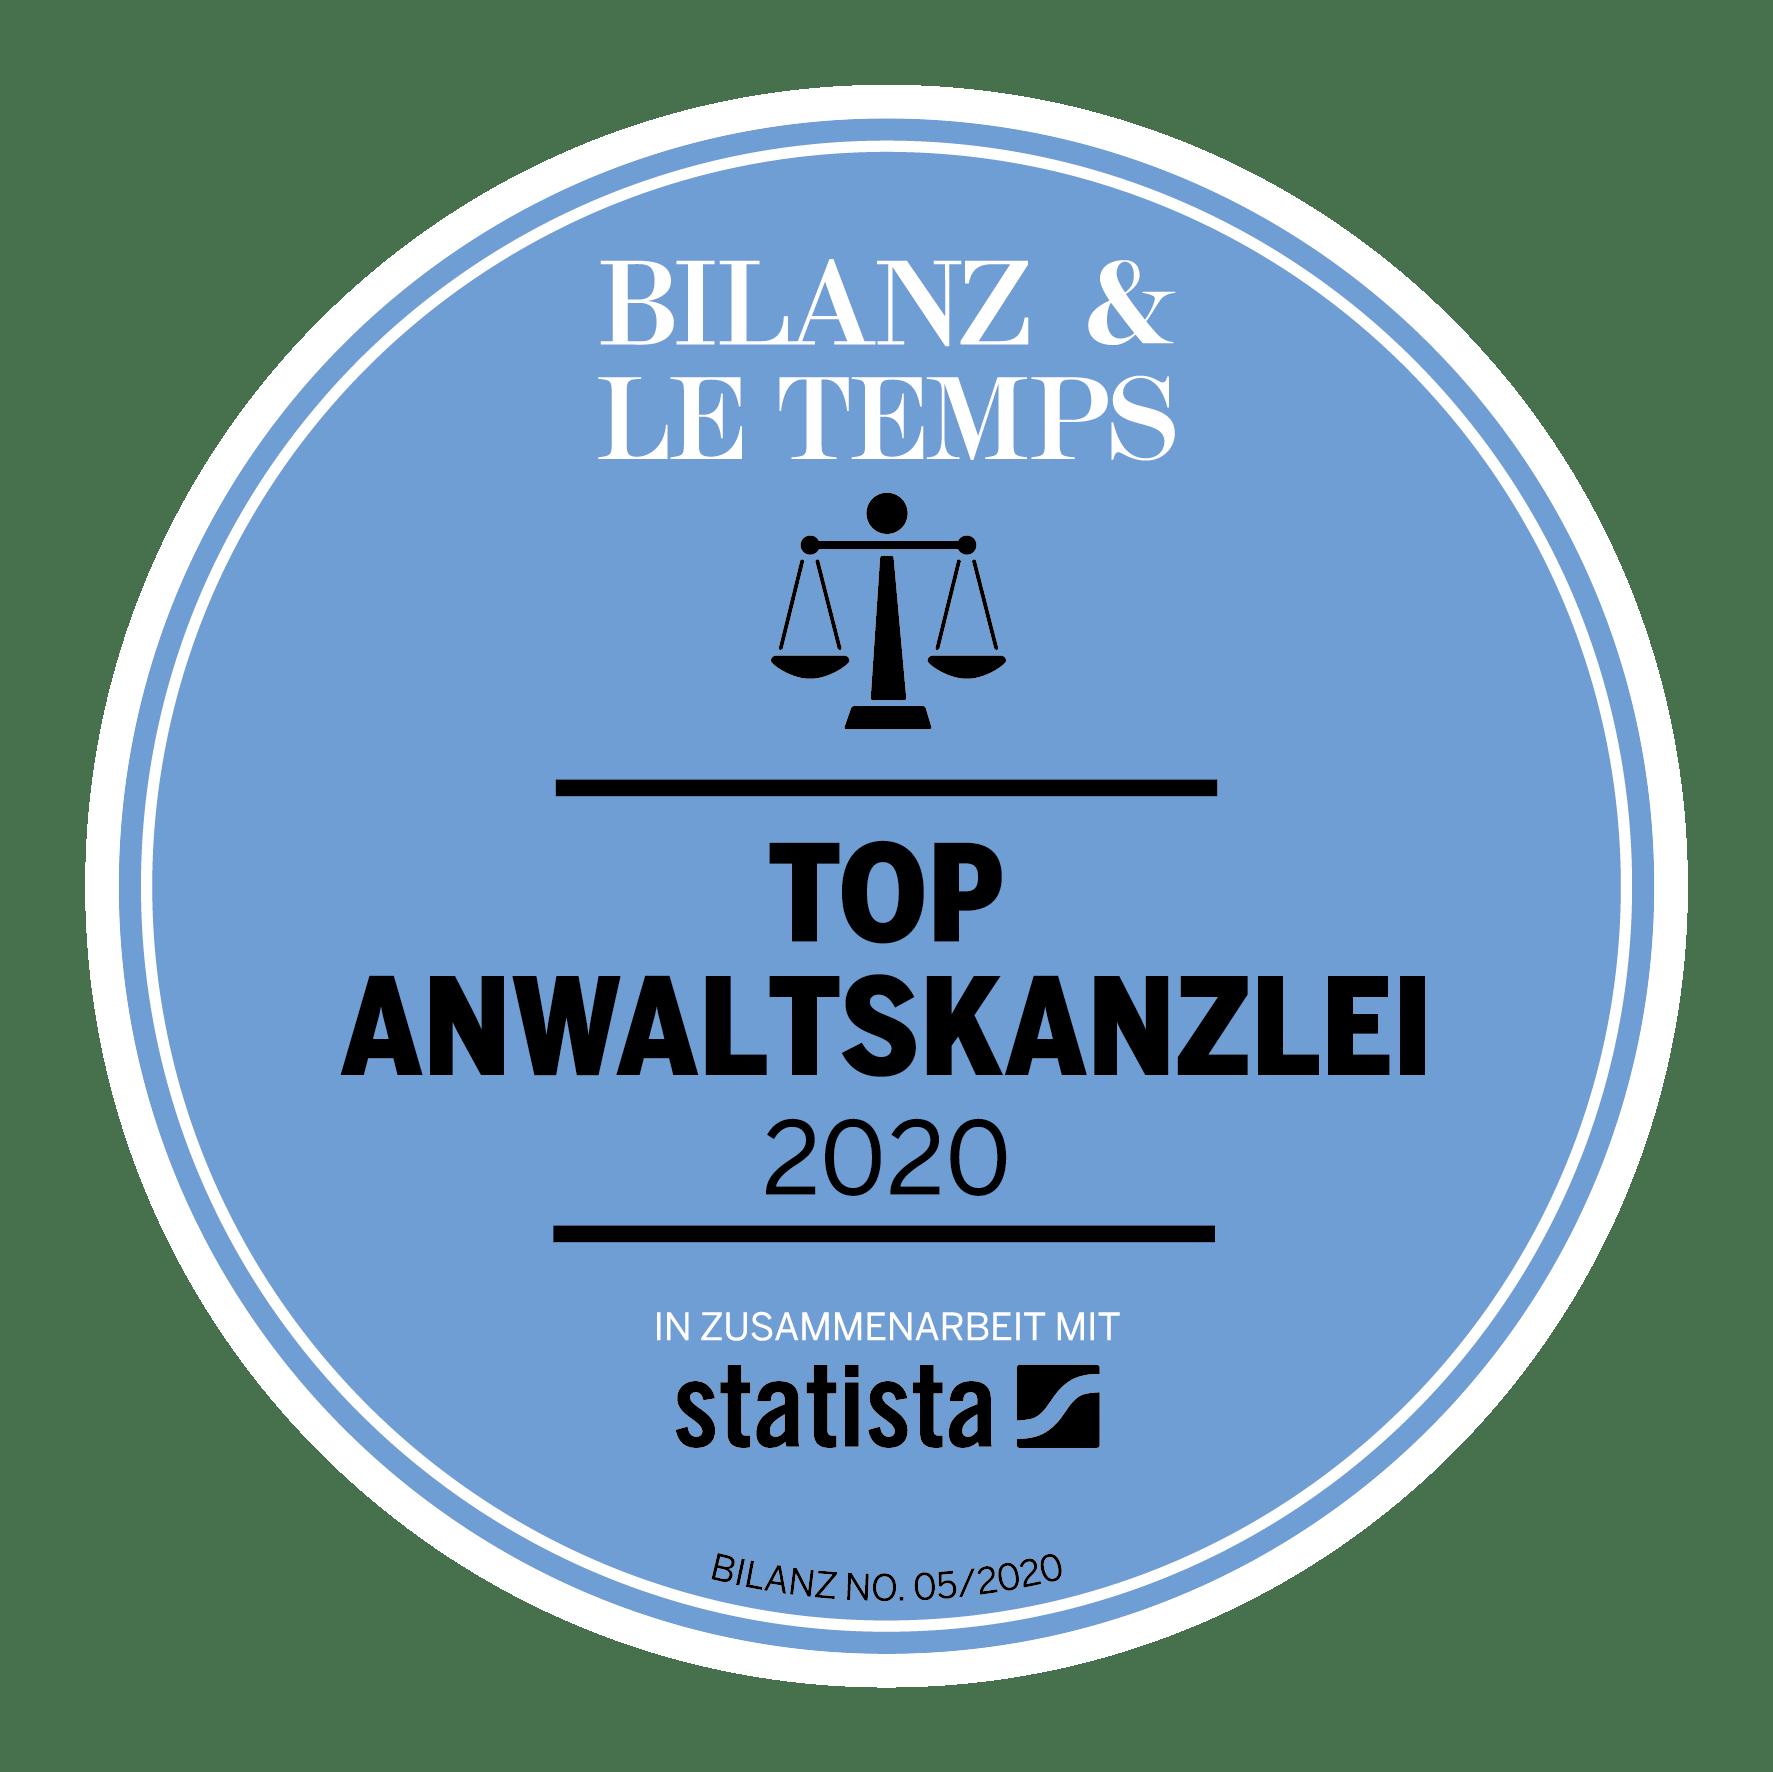 Auszeichnung von Bilanz und Le Temps als Top Anwaltskanzlei 2020